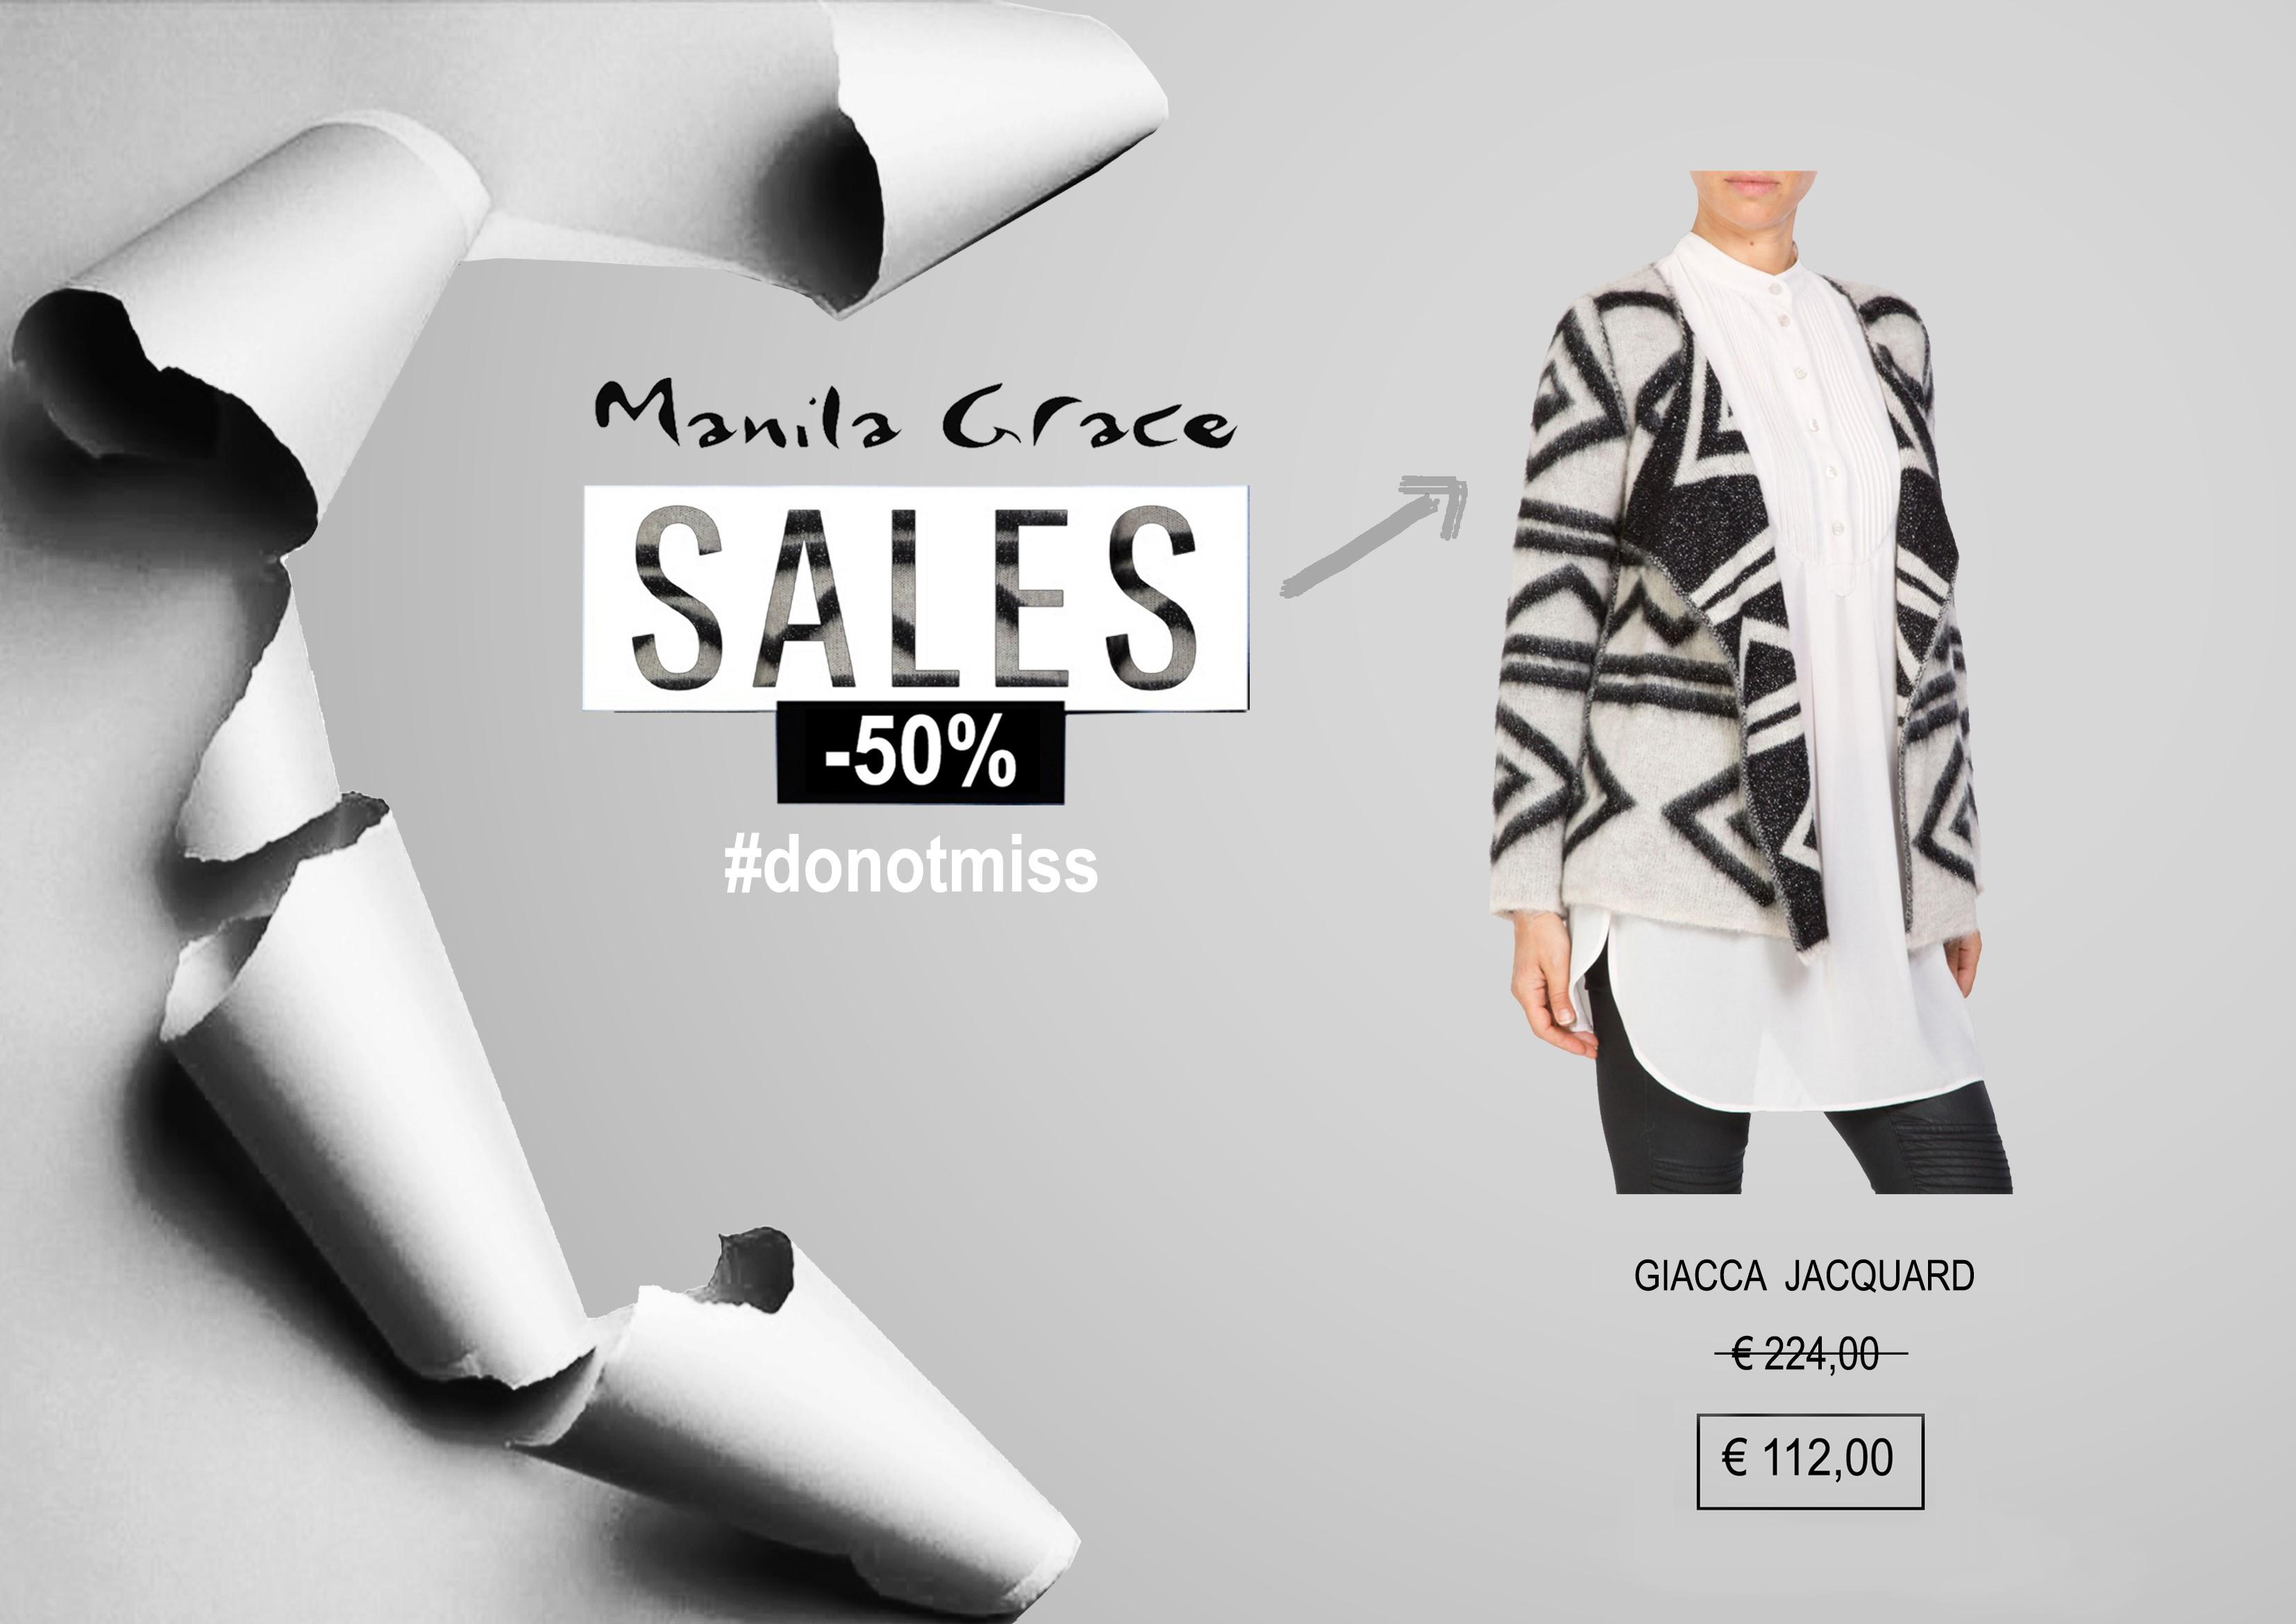 Manila-Grace-saldi1